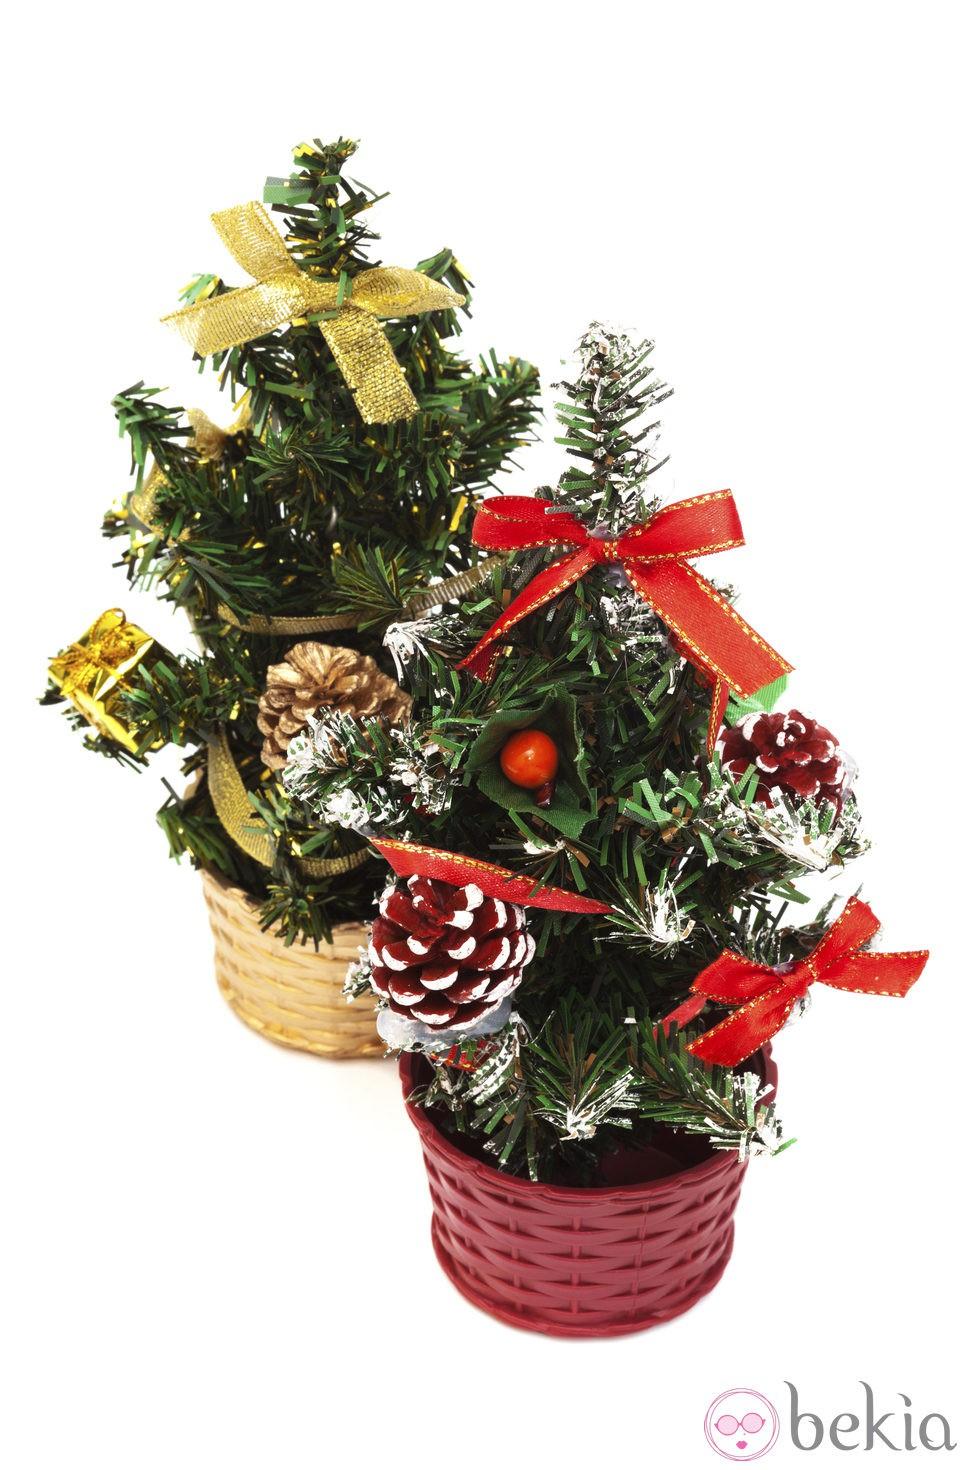 Peque os rboles de navidad fotos de navidad en bekia navidad - Arboles de navidad pequenos ...